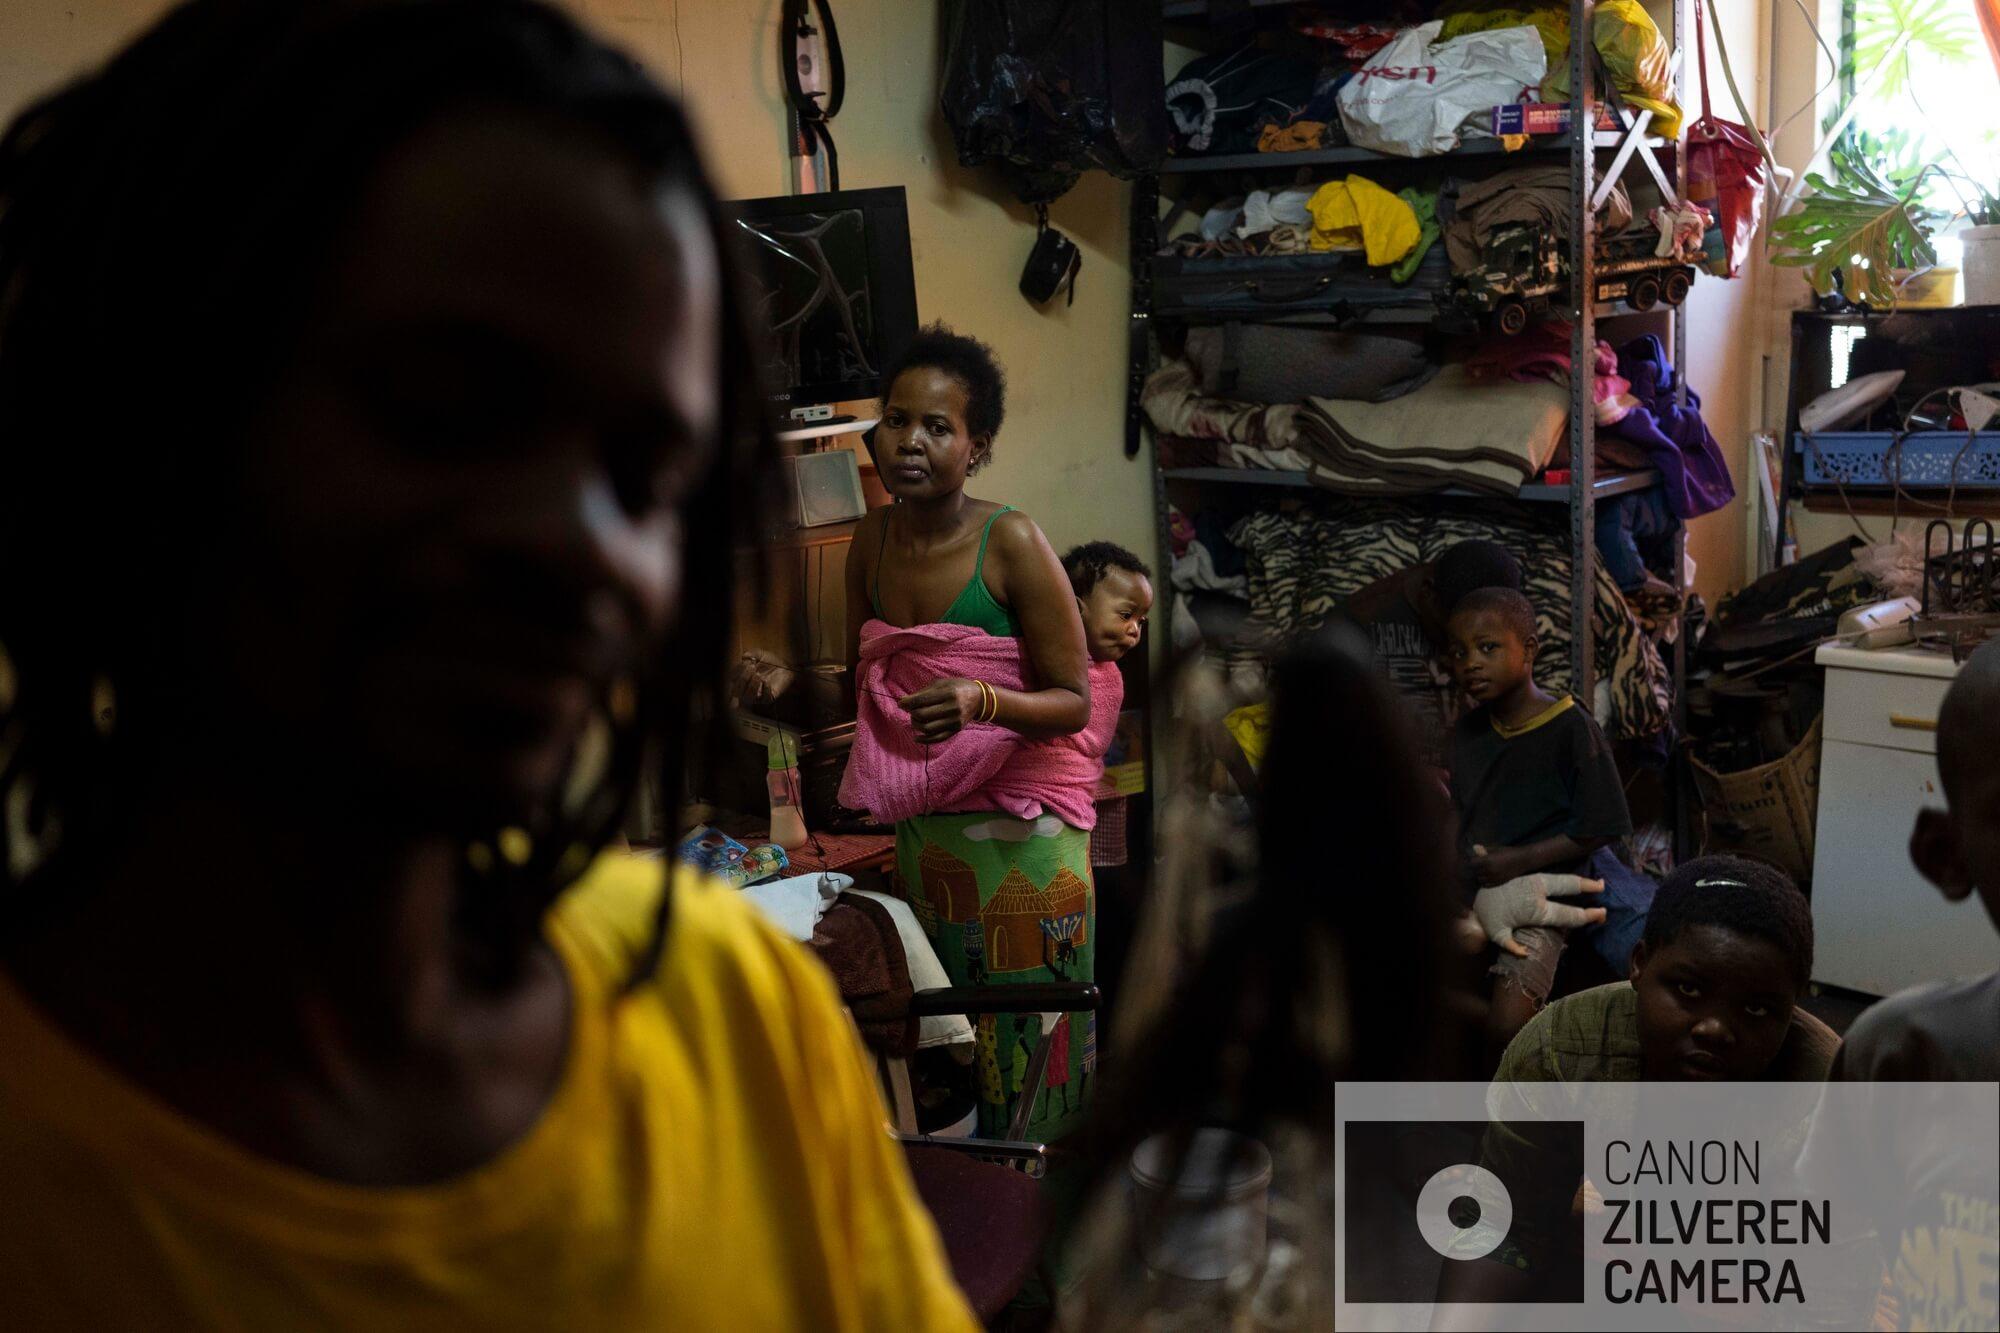 De Zimbabwaanse migrant Kholakele draagt haar 6 maanden oude baby in haar appartement in downtown Johannesburg. Kholakele en haar man Arnold (links) zijn drie jaar geleden illegaal Zuid-Afrika binnen gekomen in de hoop werk te vinden. Ze kennen de verhalen van vermiste migranten via vrienden en familie en vrezen voor de levens van hun kinderen in het gewelddadige Johannesburg. 'Als een van hen langer dan 10 minuten wegblijft, bellen we ze', zegt Kholakele.